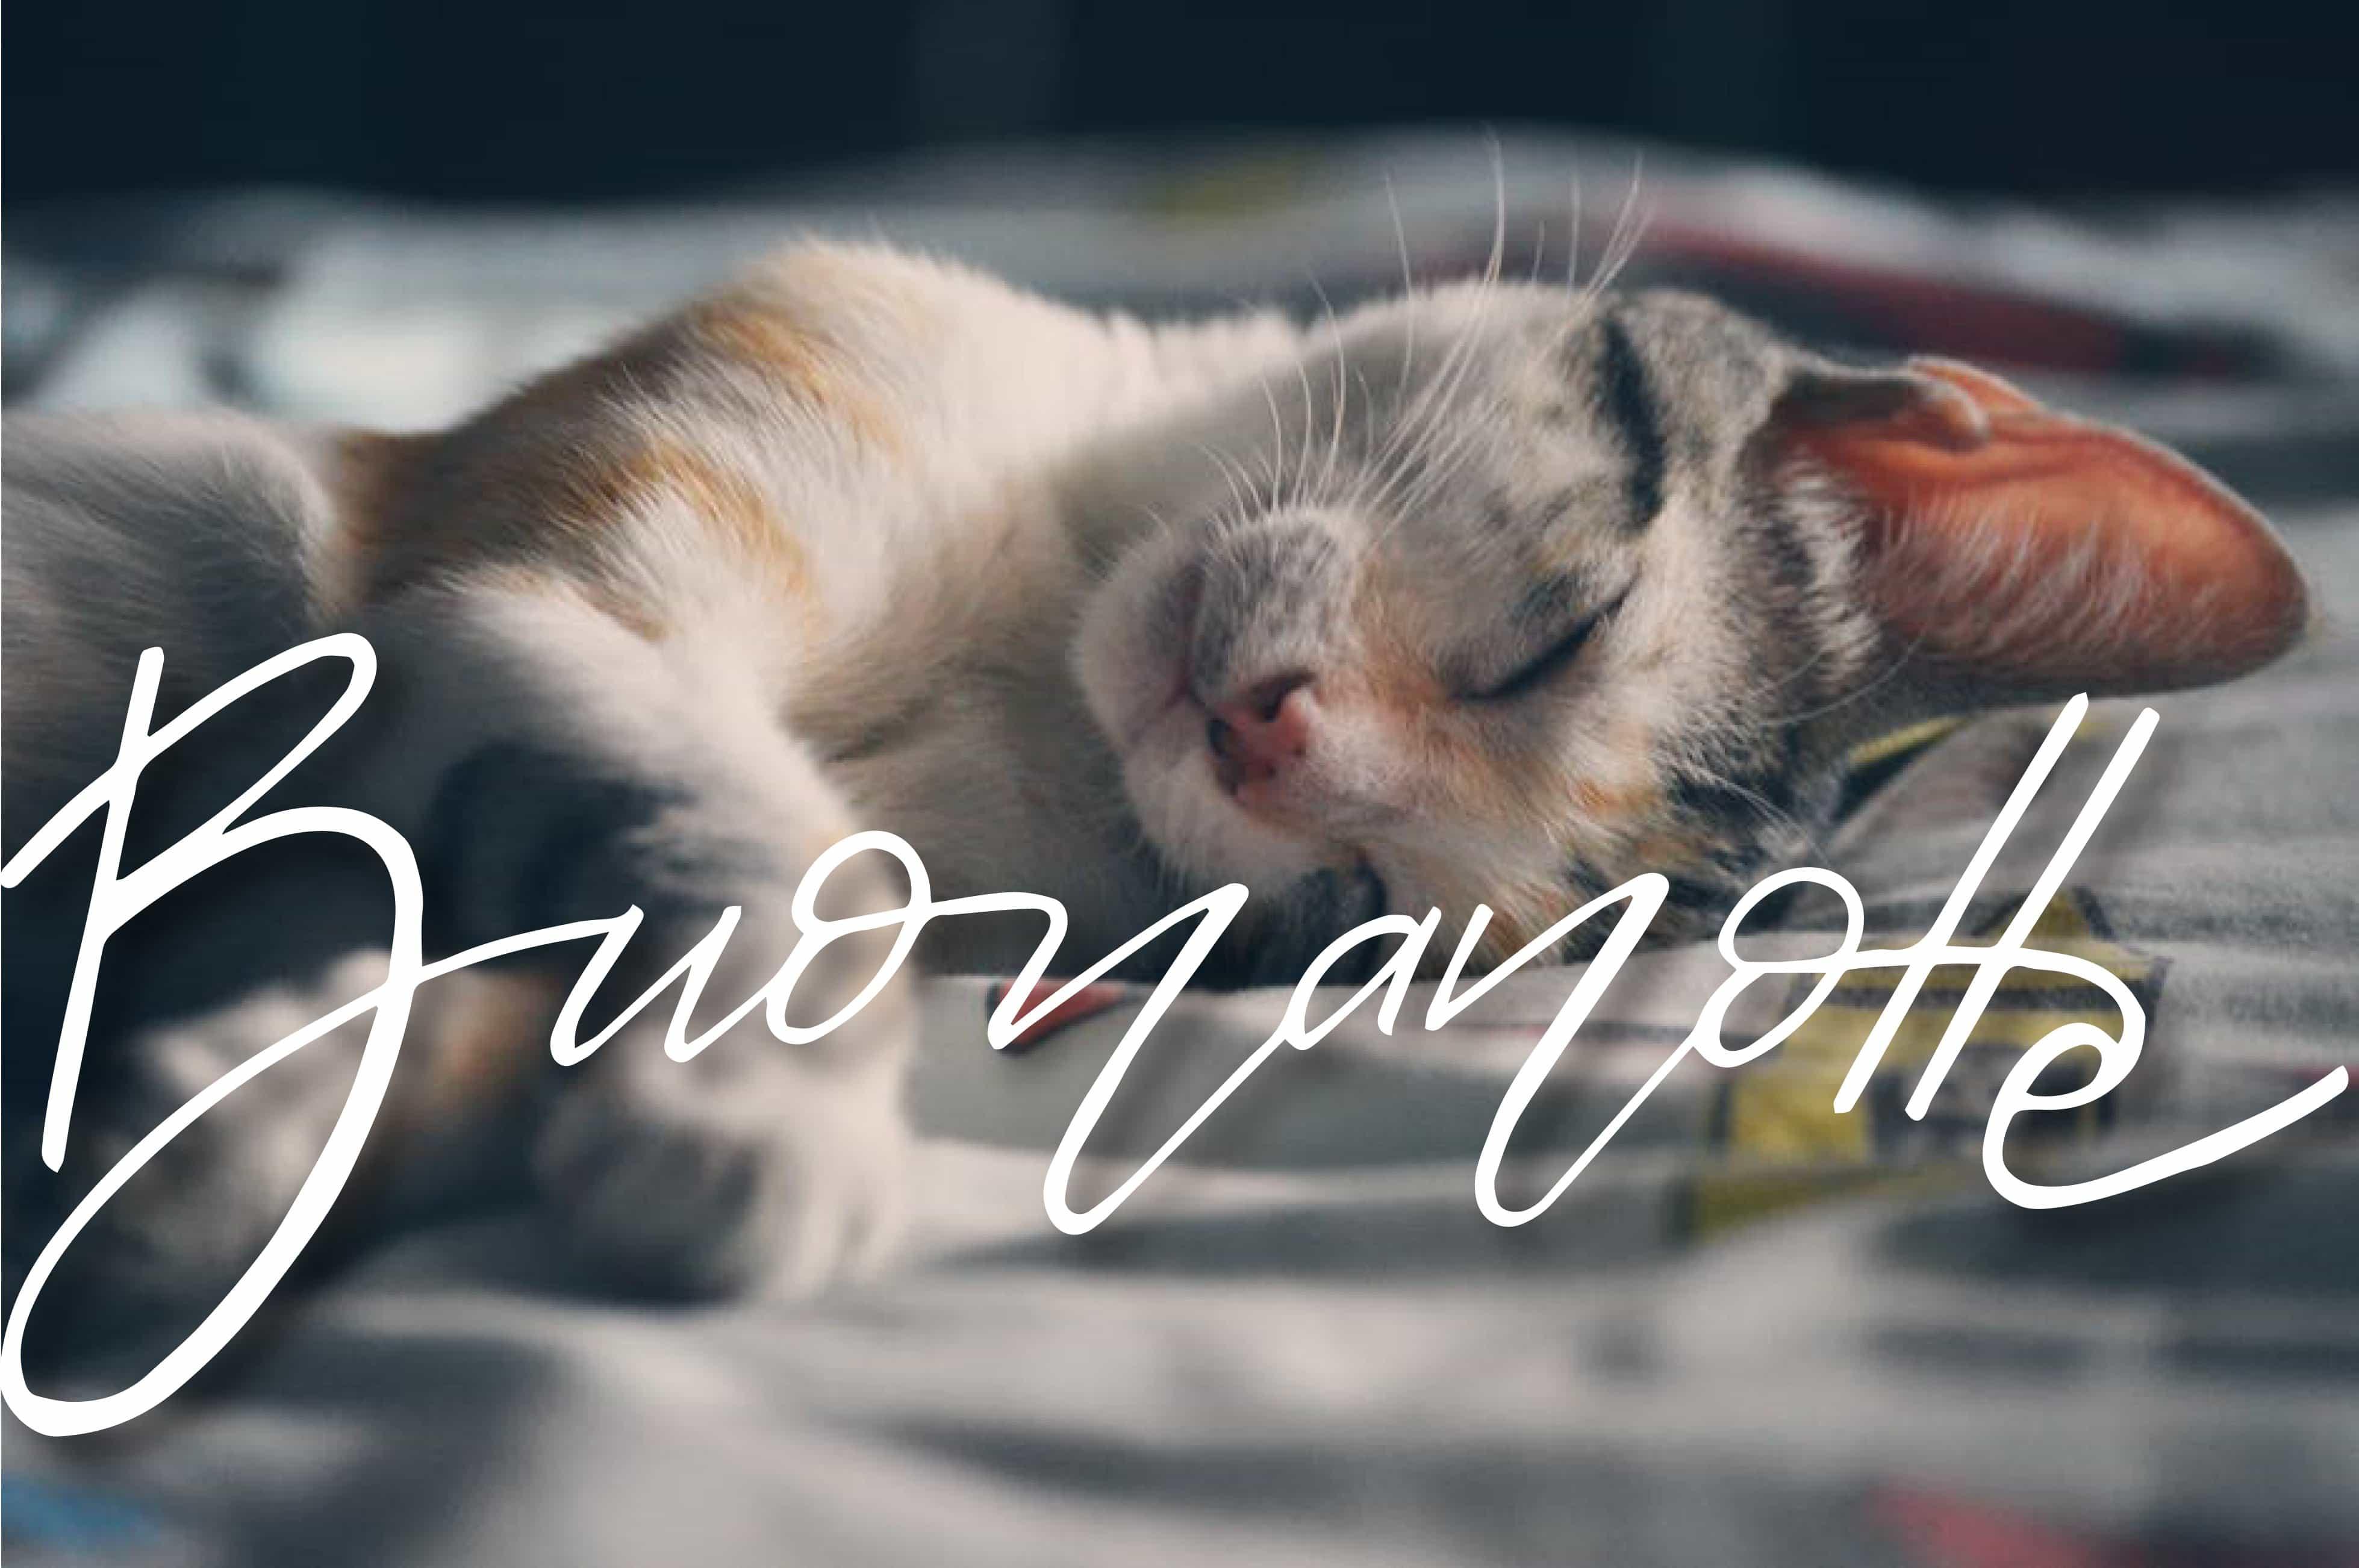 buona notte con gatto, immagini della buonanotte con animale